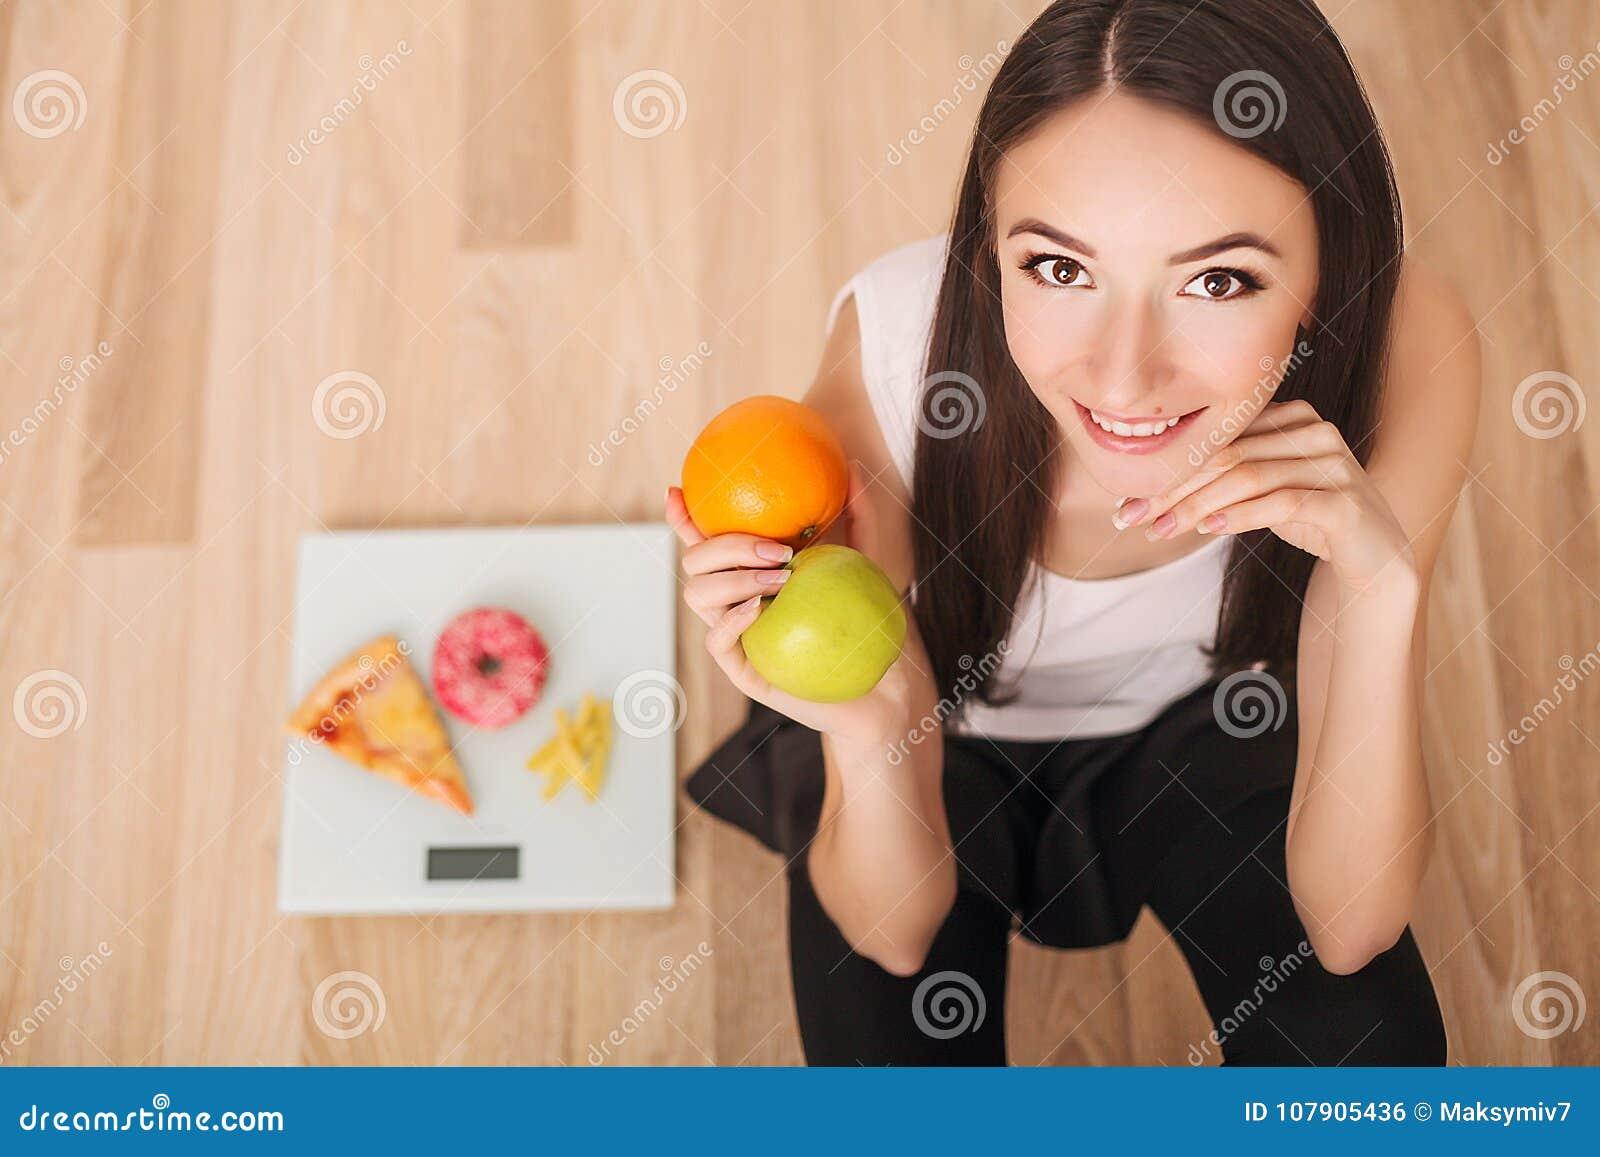 Conceito da dieta e do fast food Mulher excesso de peso que está na escala de peso que guarda a pizza Comida lixo insalubre Dieta